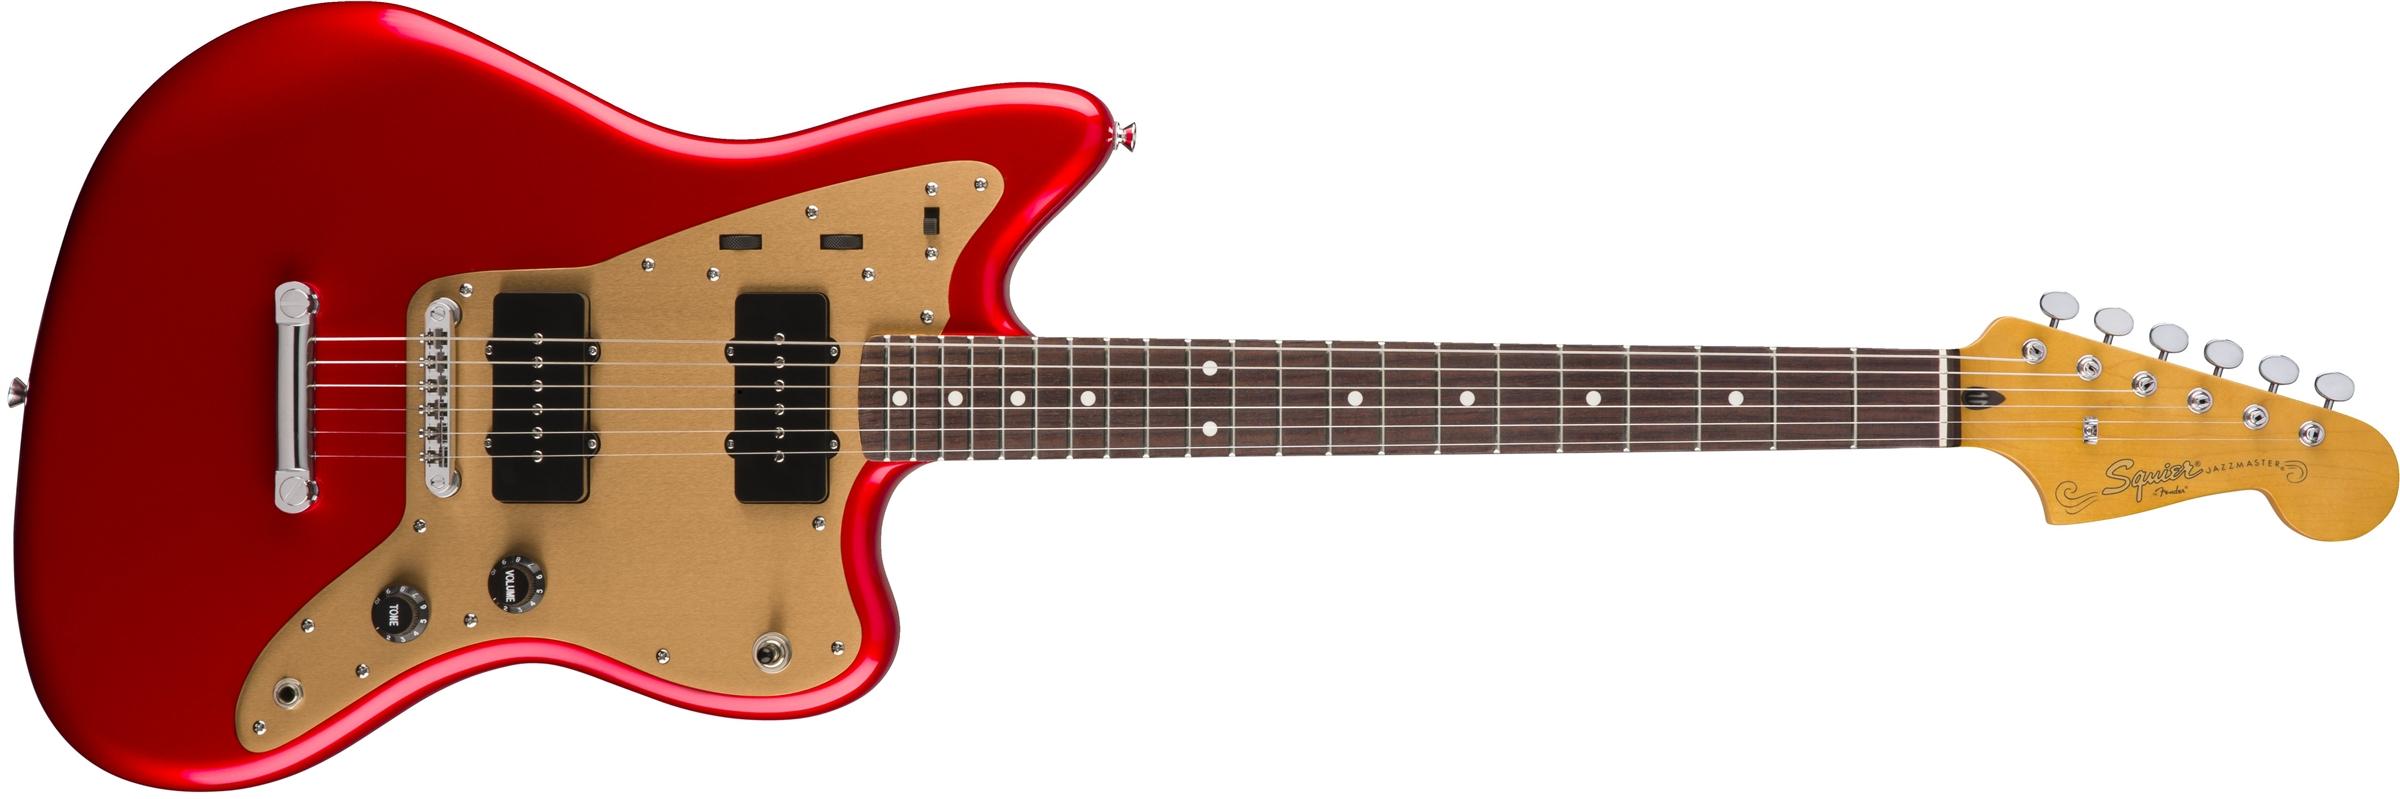 Vintage Fender Jaguar Wiring Squier Deluxe Jazzmaster 174 St